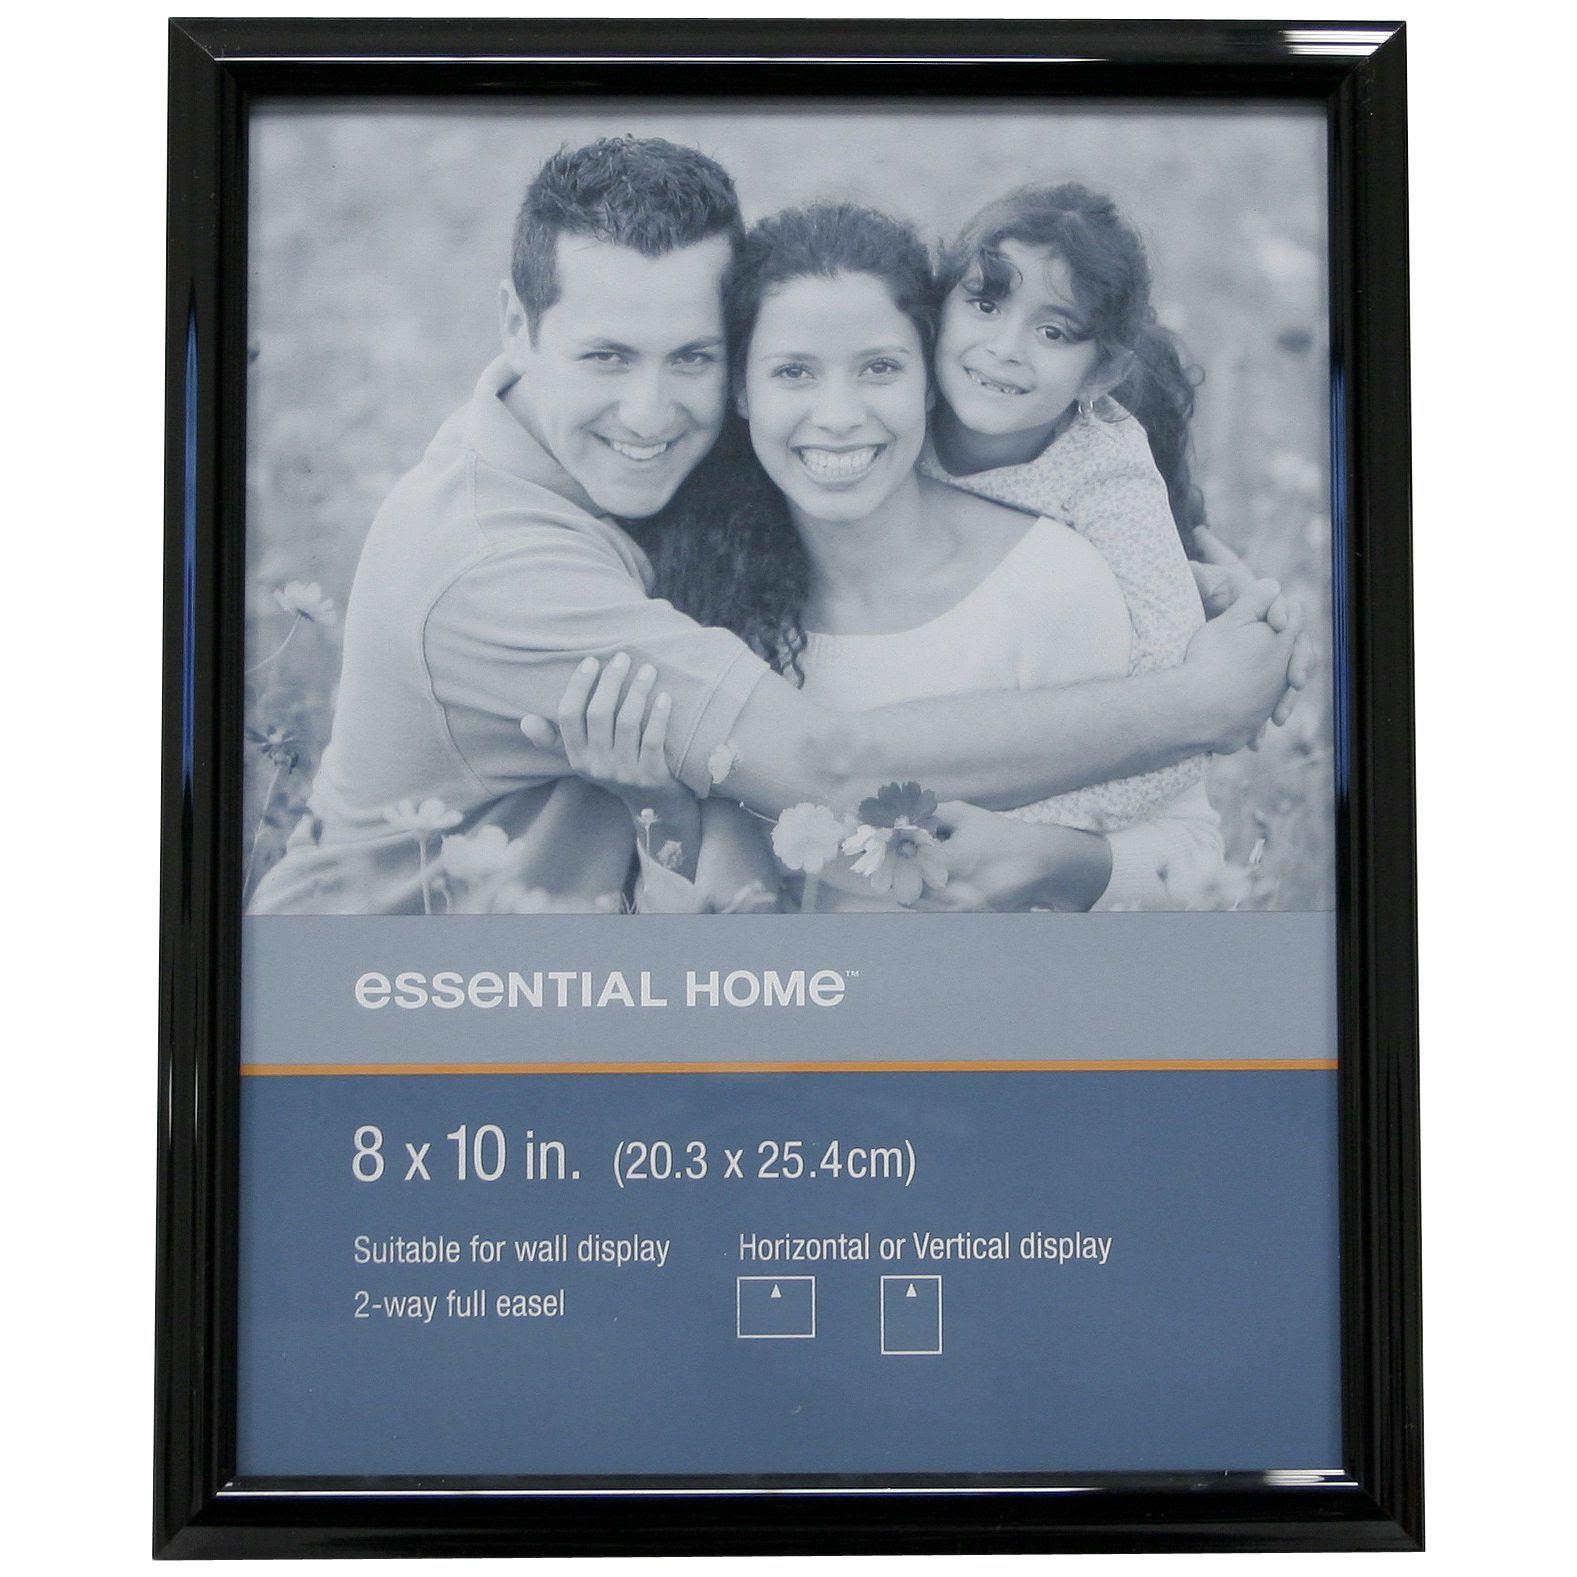 Upc 718386975927 Essential Home Frame Endcap 8x10 Black Tabletop